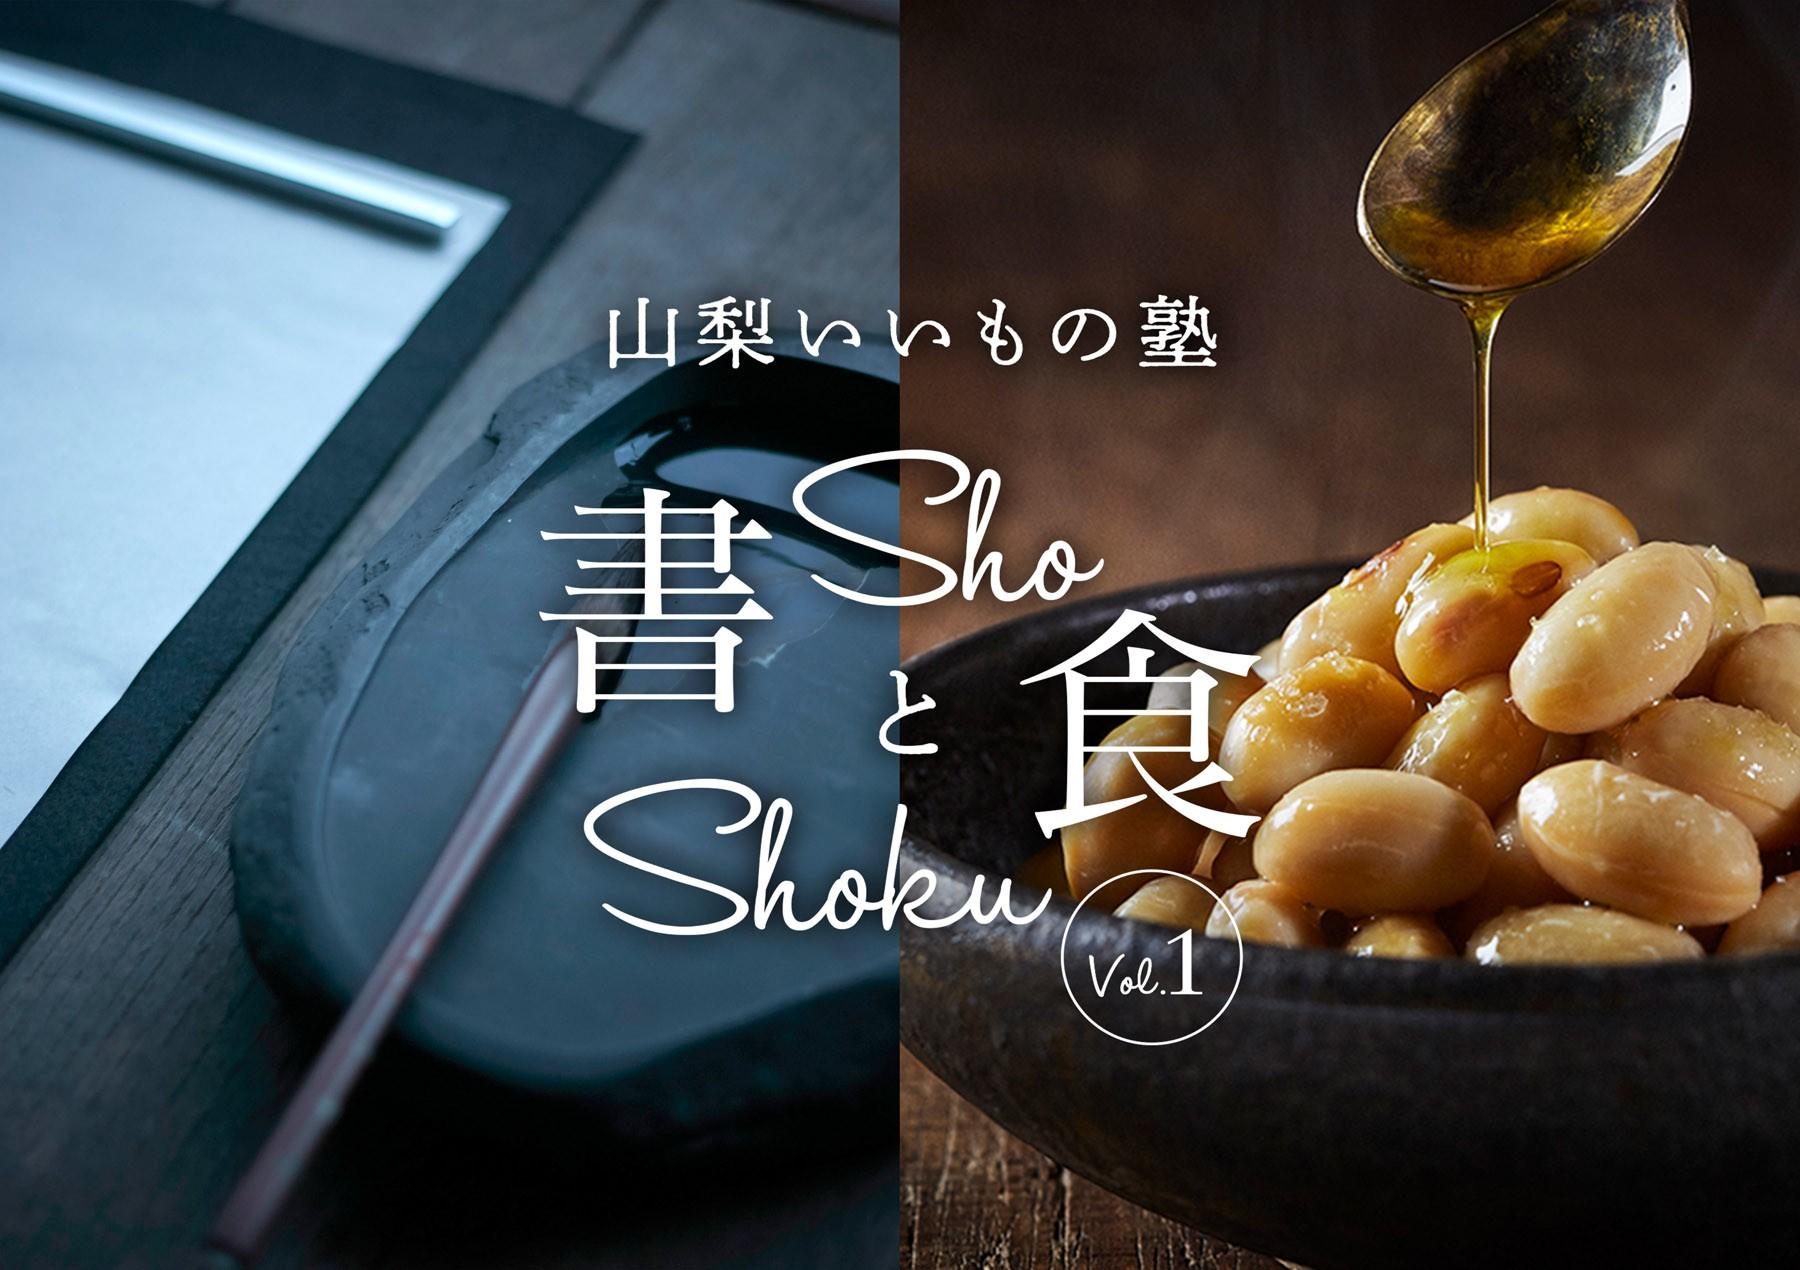 西嶋和紙・山叶製紙さんのワークショップが開催されます